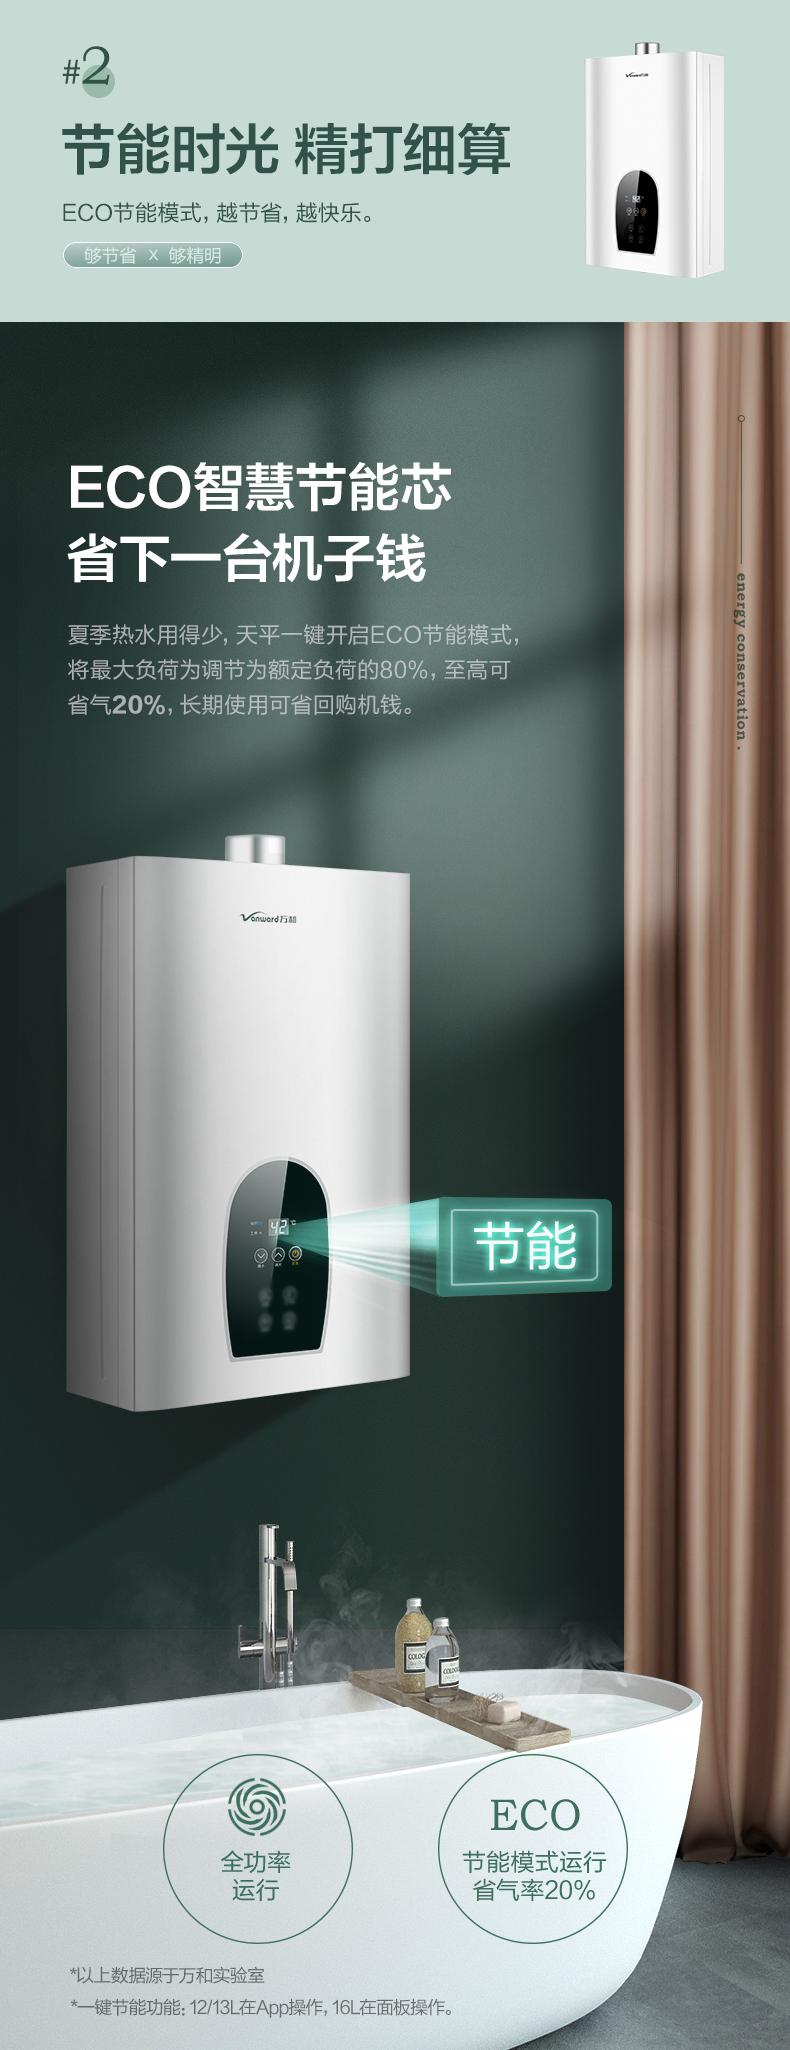 万和燃气热水器家用升瓦斯液化气瓦斯恆温洗澡强排式详细照片